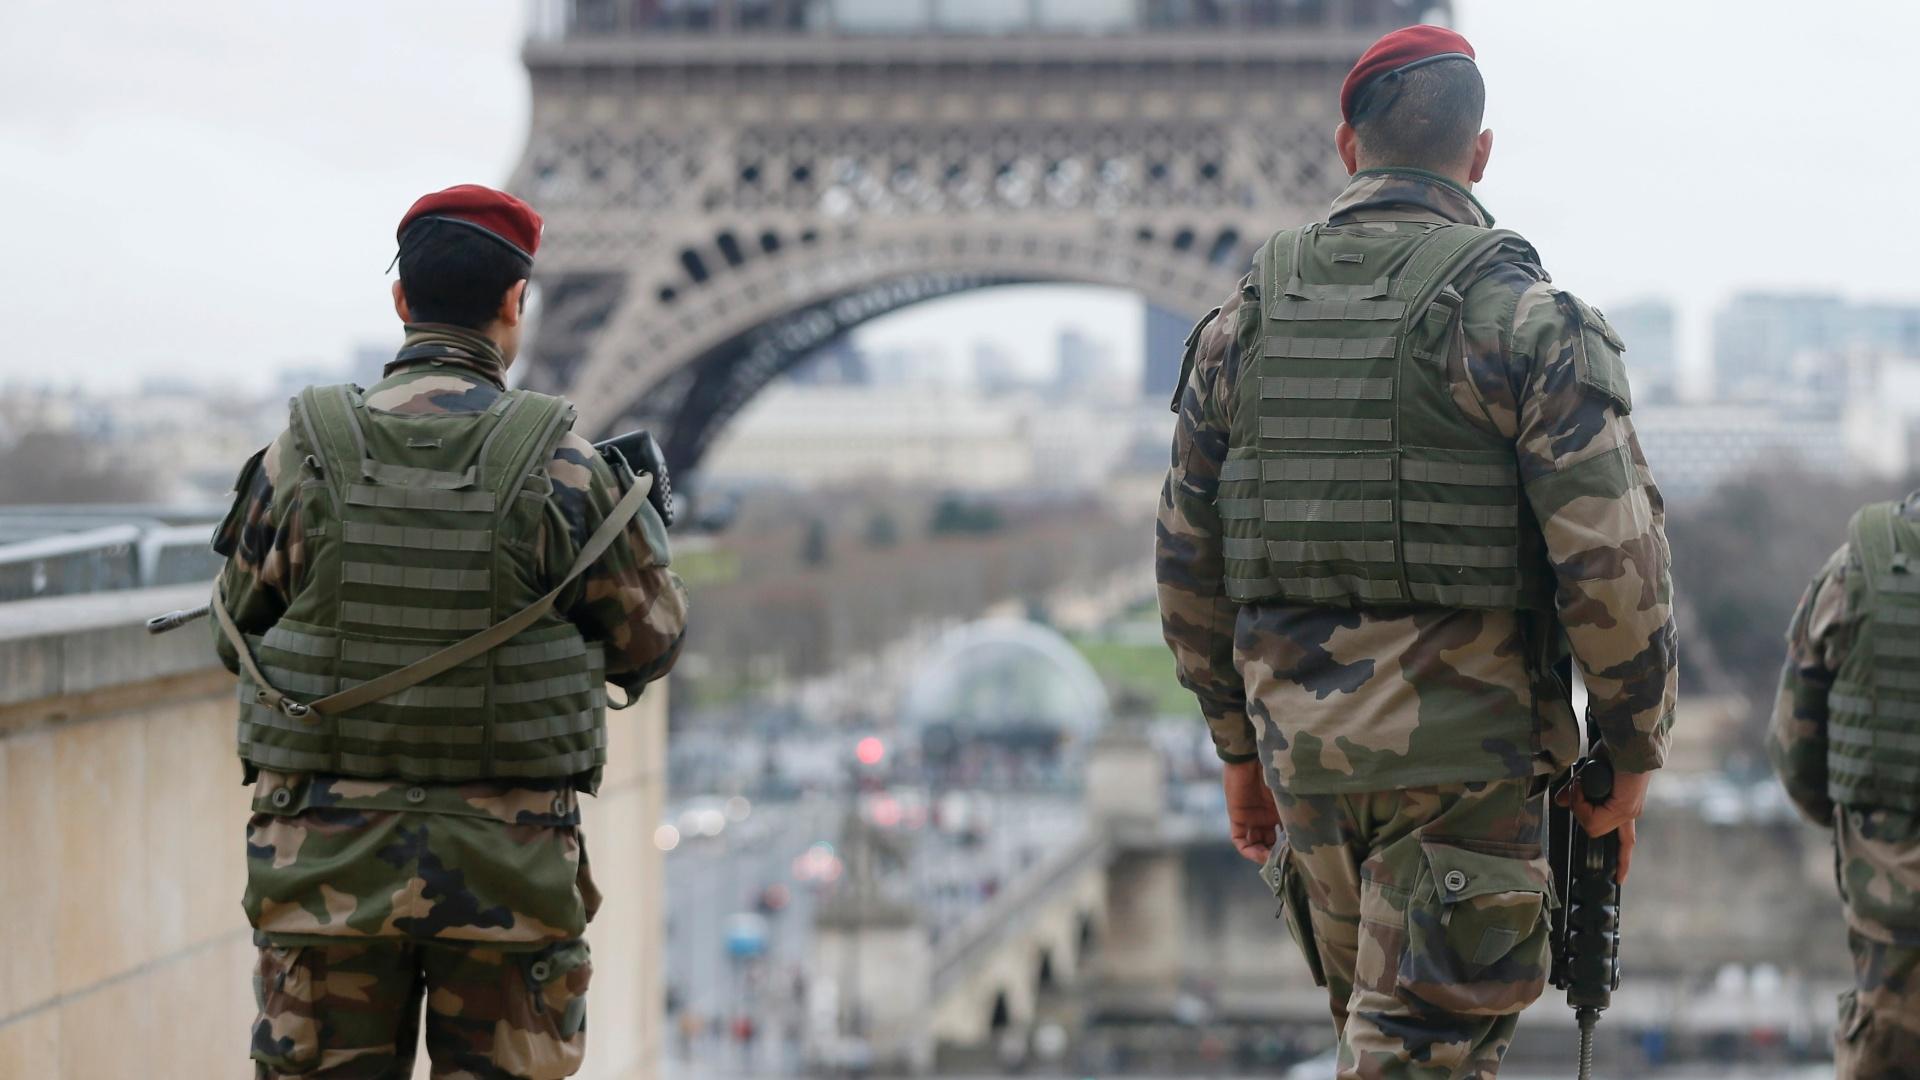 Исламовед С. Халиль Самир: необходимо контролировать мечети; военный ответ логичен